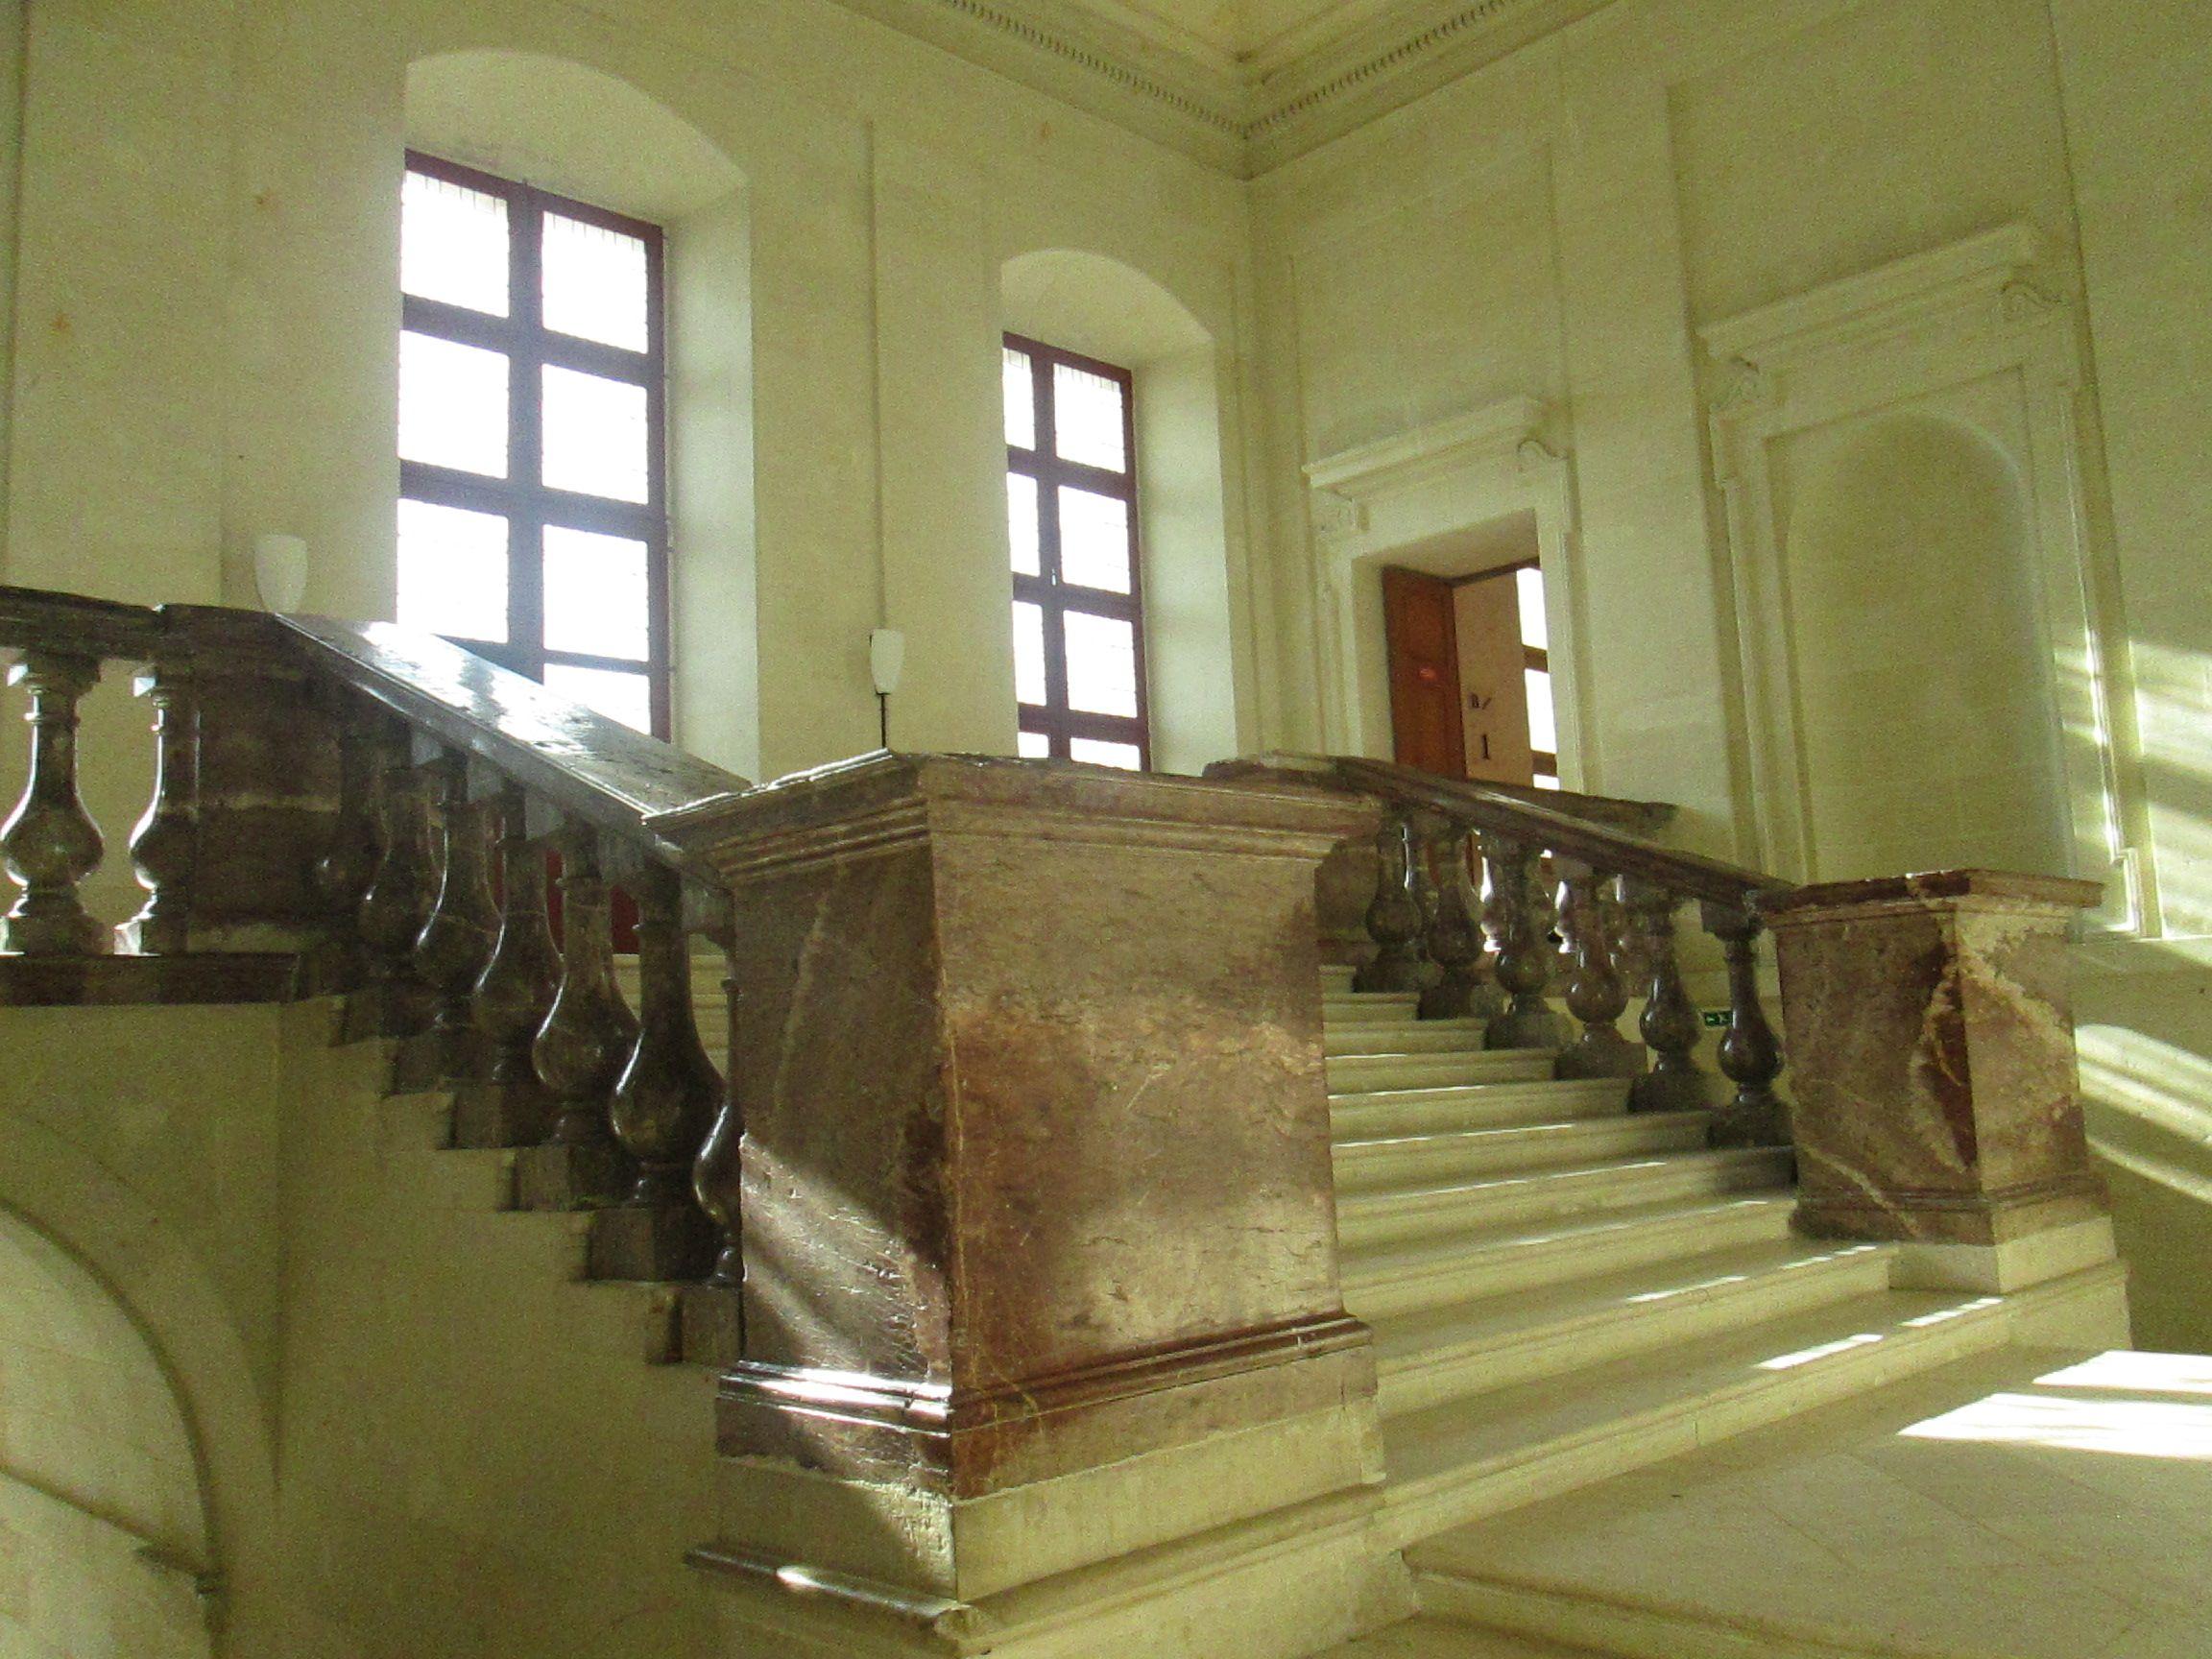 Escalier D Honneur Du Chateau De Thouars Au Moyen Age Cette Ville Ne Pouvait Etre Autre Que Le Siege D Une Puissante Forteresse Do Poitou Escalier Forteresse